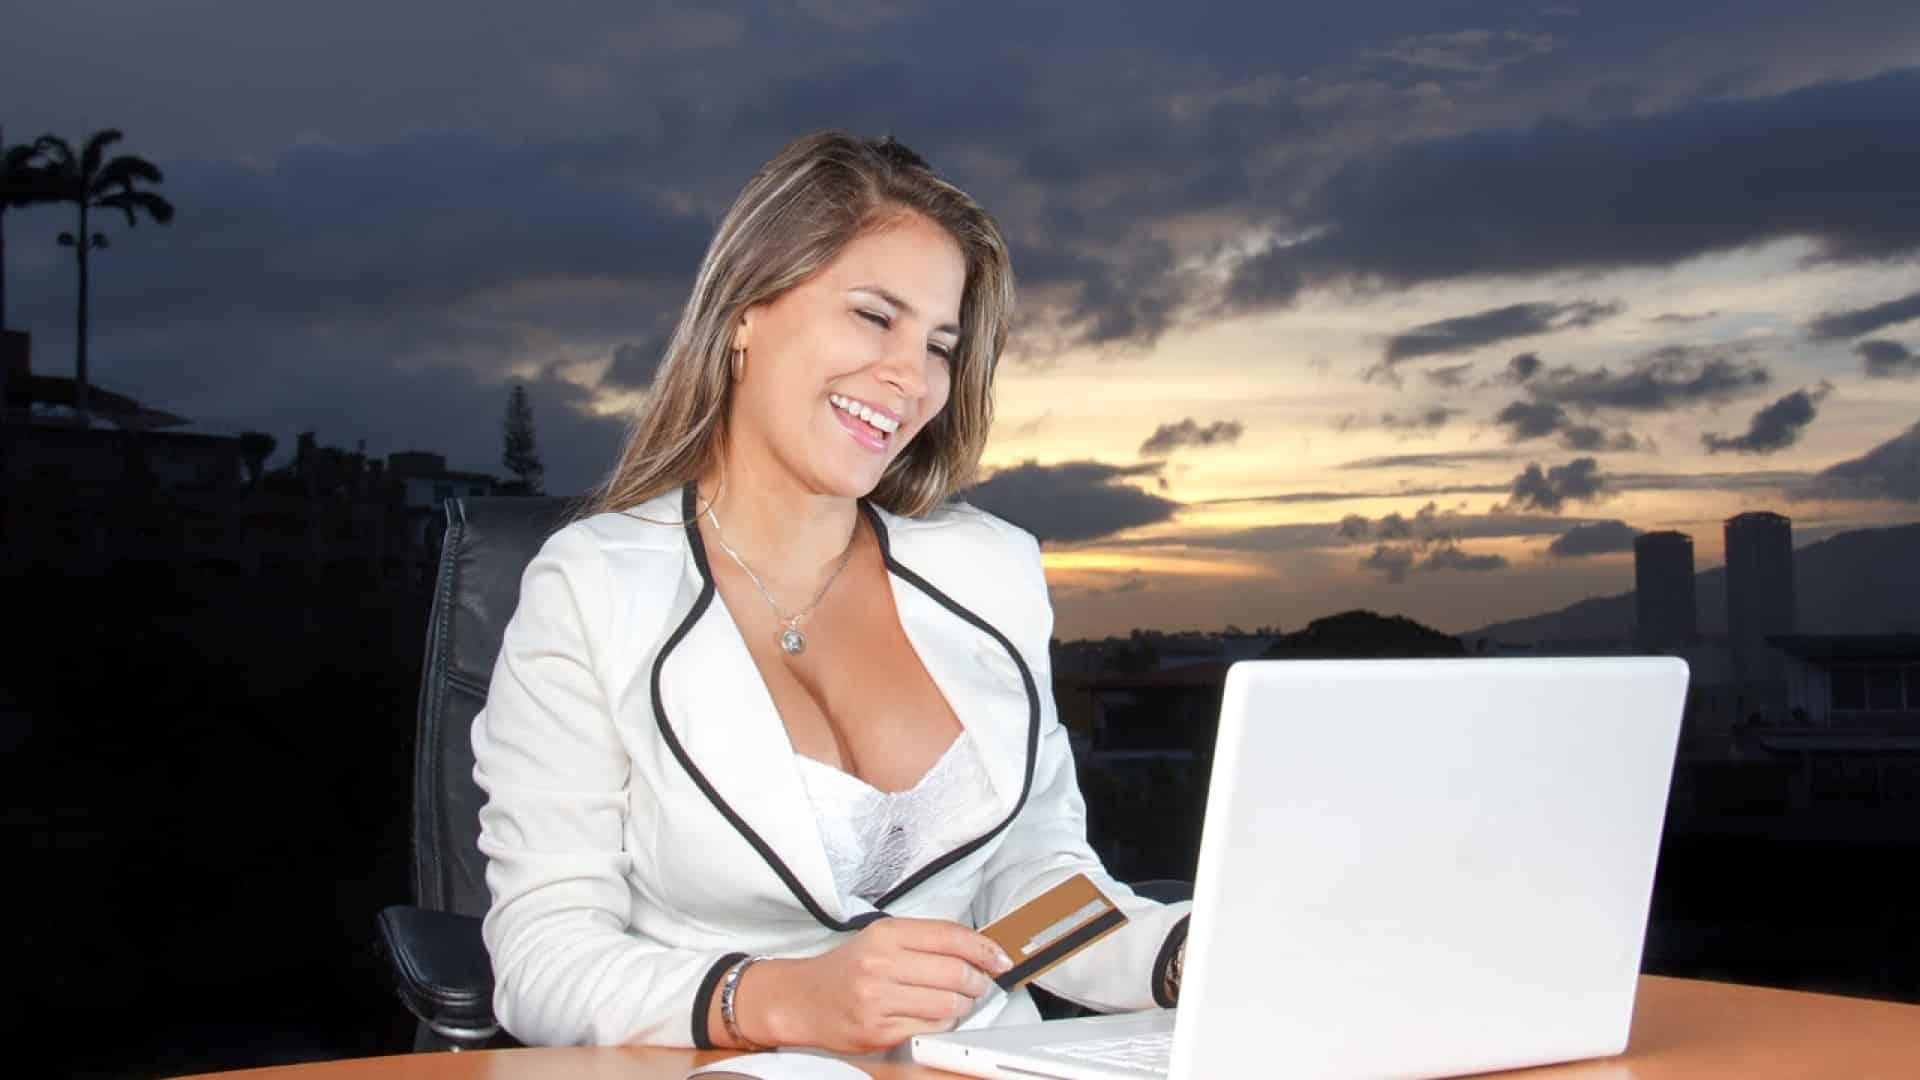 Quels sont les avantages de se lancer au e-commerce?